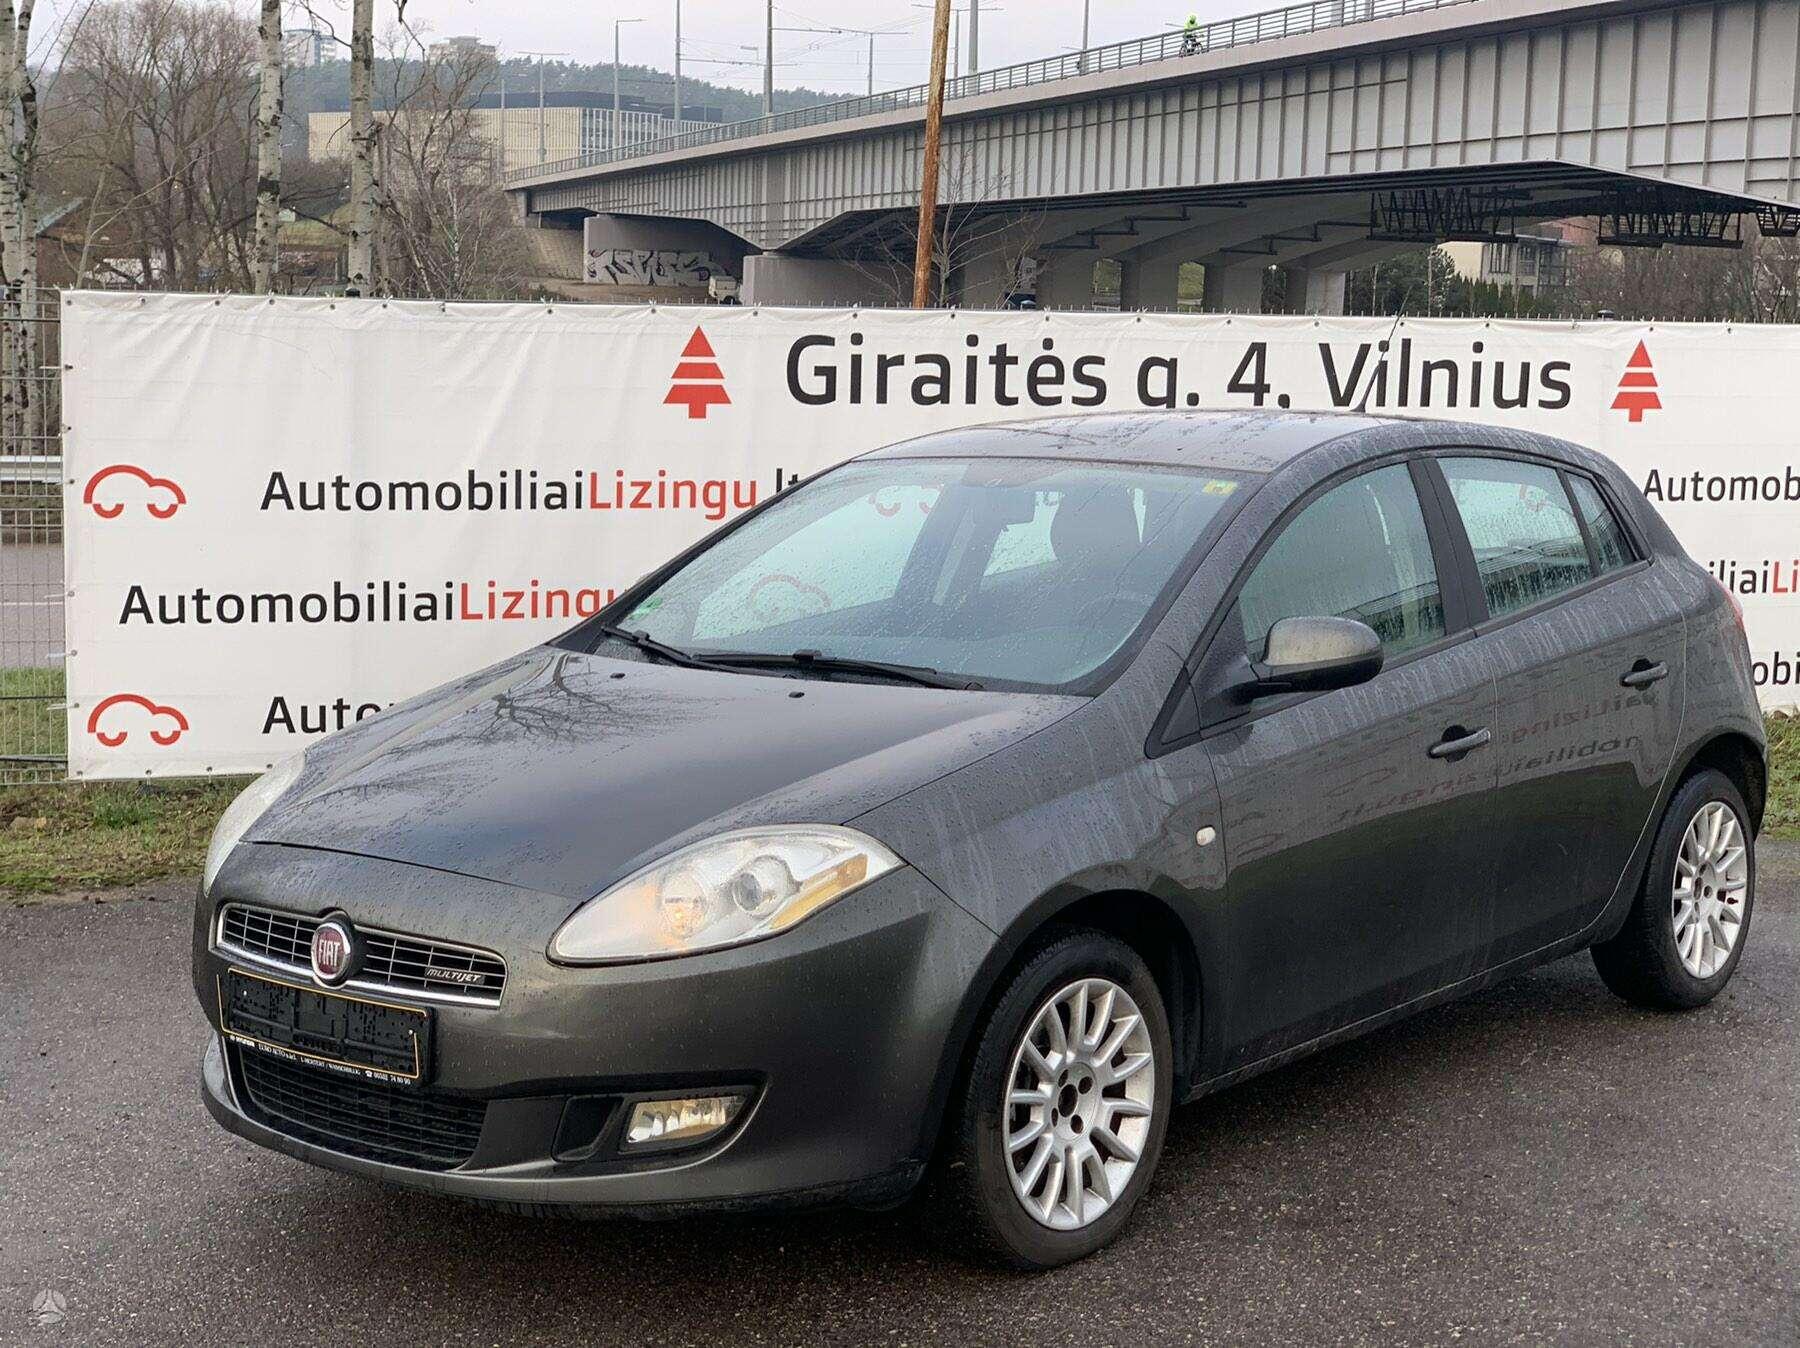 Fiat Bravo išsimokėtinai nuo 62 Eur/mėn su 3 mėnesių garantija